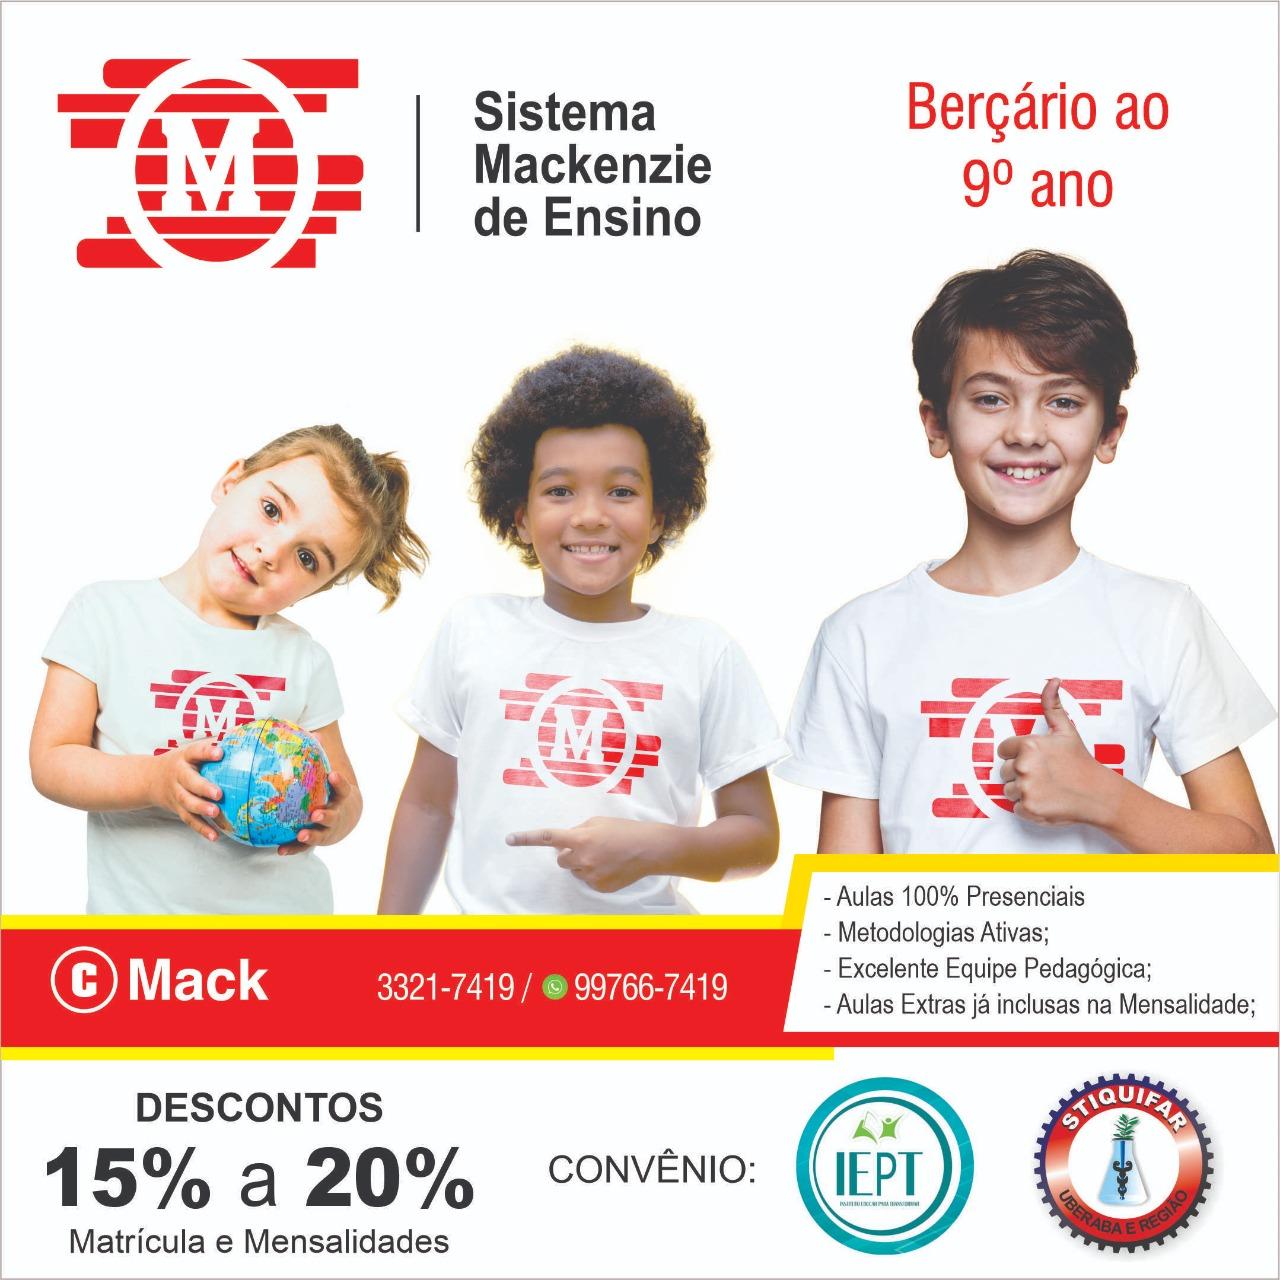 IEPT/Stiquifar fecha parceria com o Sistema Mackenzie de ensino